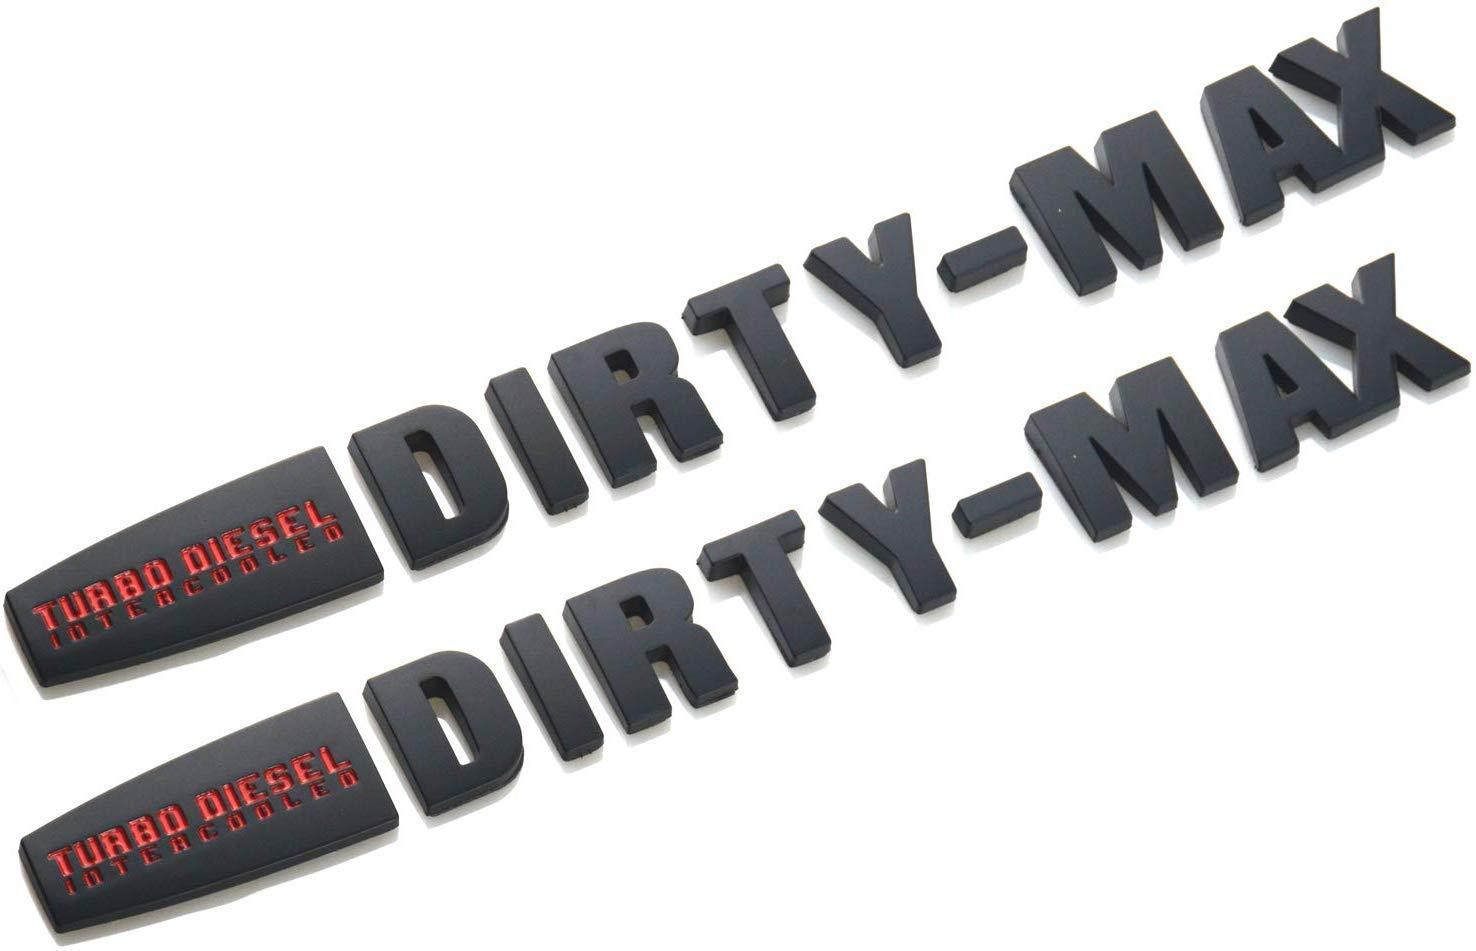 Red Black 2Pcs Turbo Diesel INTERCOOLED Dirty MAX Duramax Badge Emblem Sticker